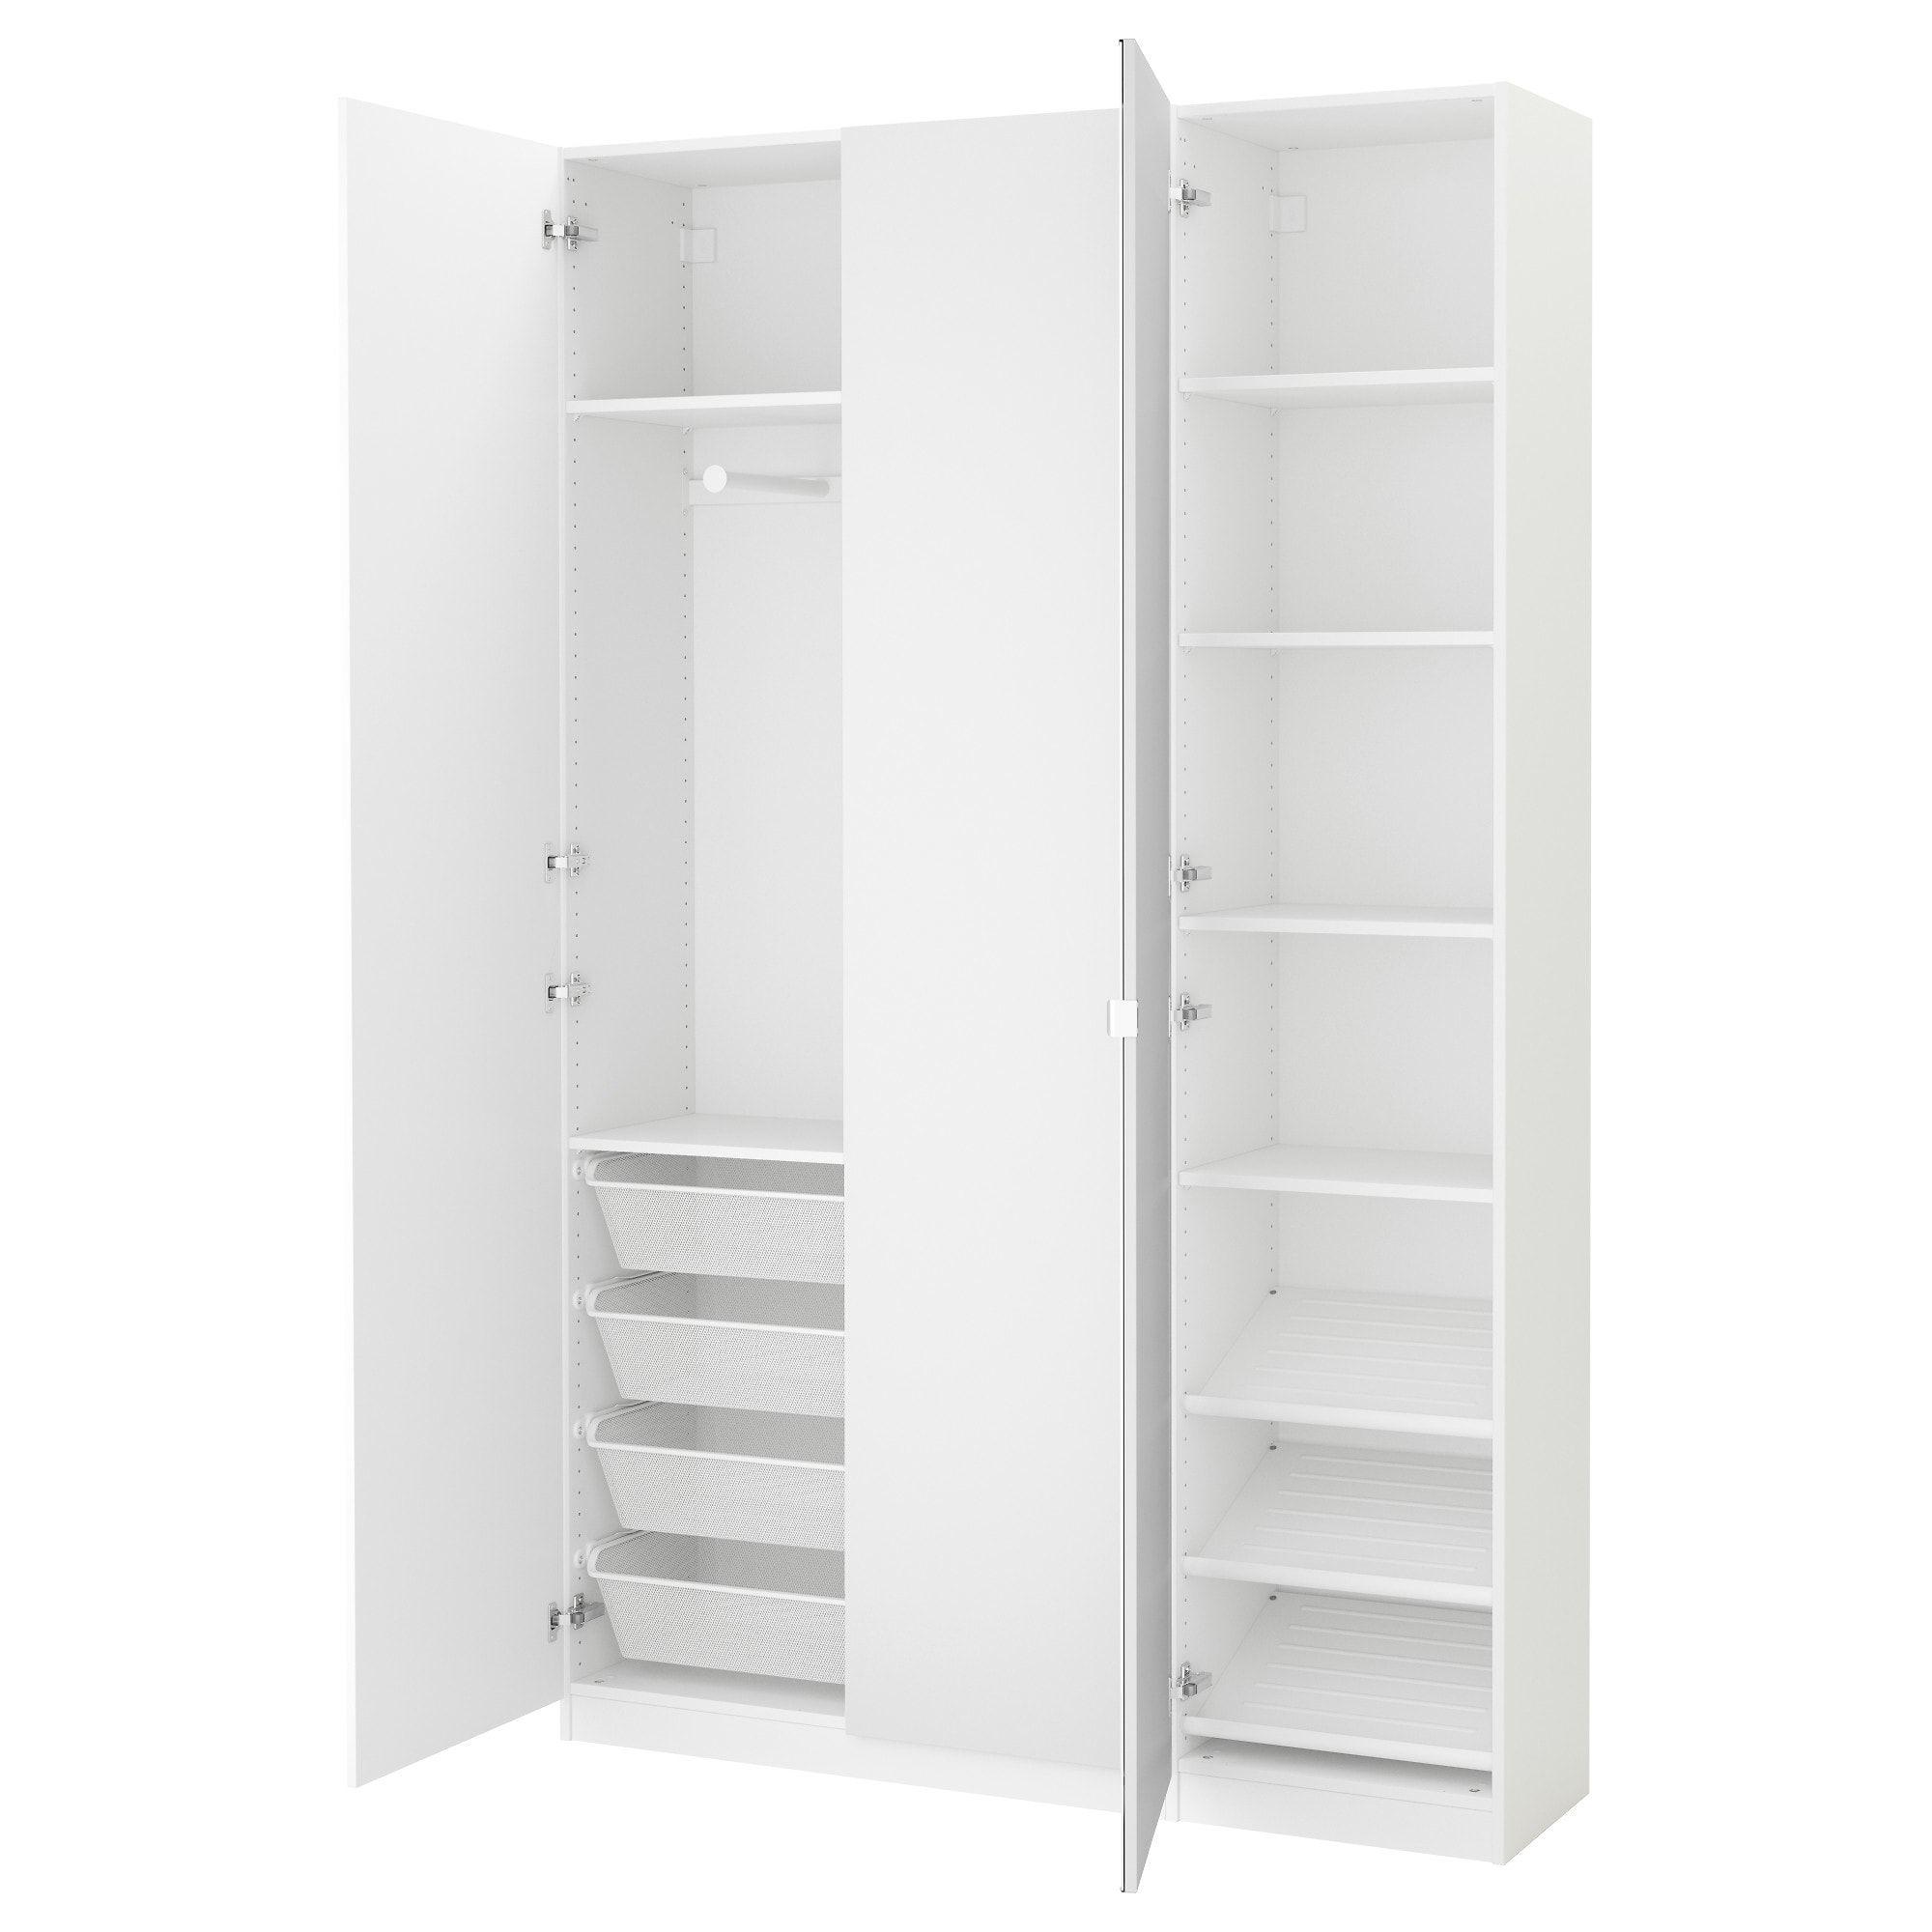 Full Size of Eckschrank Ikea Kleiderschrank 38 Cm Tief Painneneinrichtung Küche Modulküche Kosten Kaufen Sofa Mit Schlaffunktion Betten 160x200 Schlafzimmer Bad Wohnzimmer Eckschrank Ikea